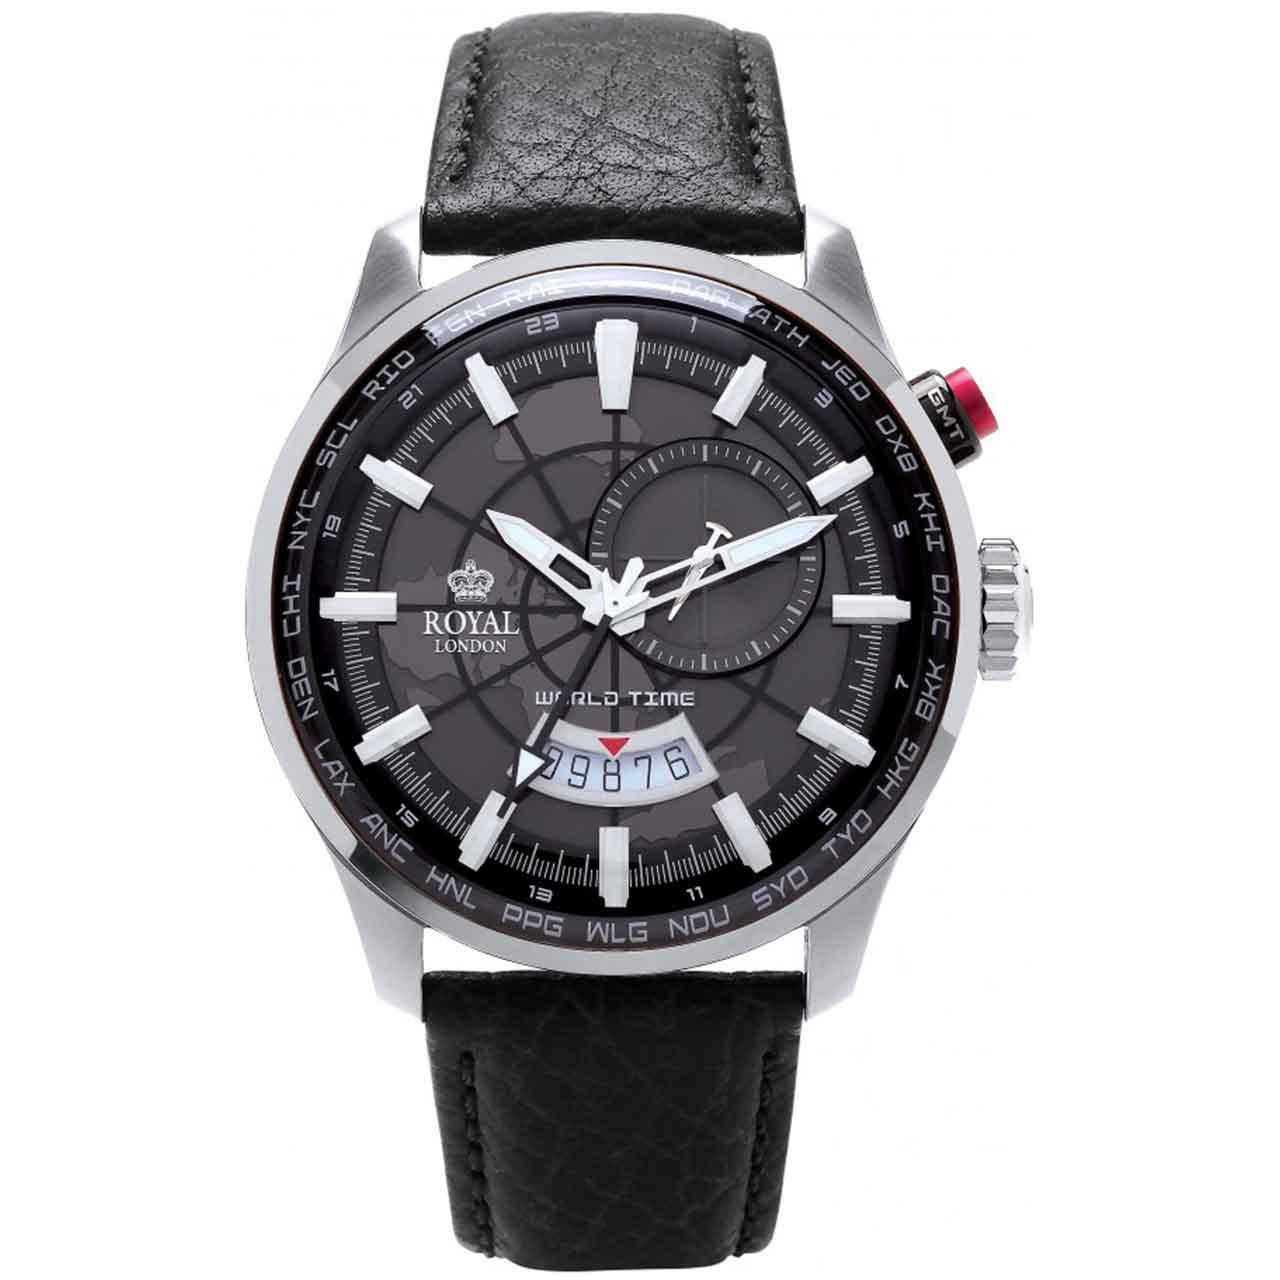 ساعت مچی عقربه ای مردانه رویال لندن مدل RL-41350-01 43